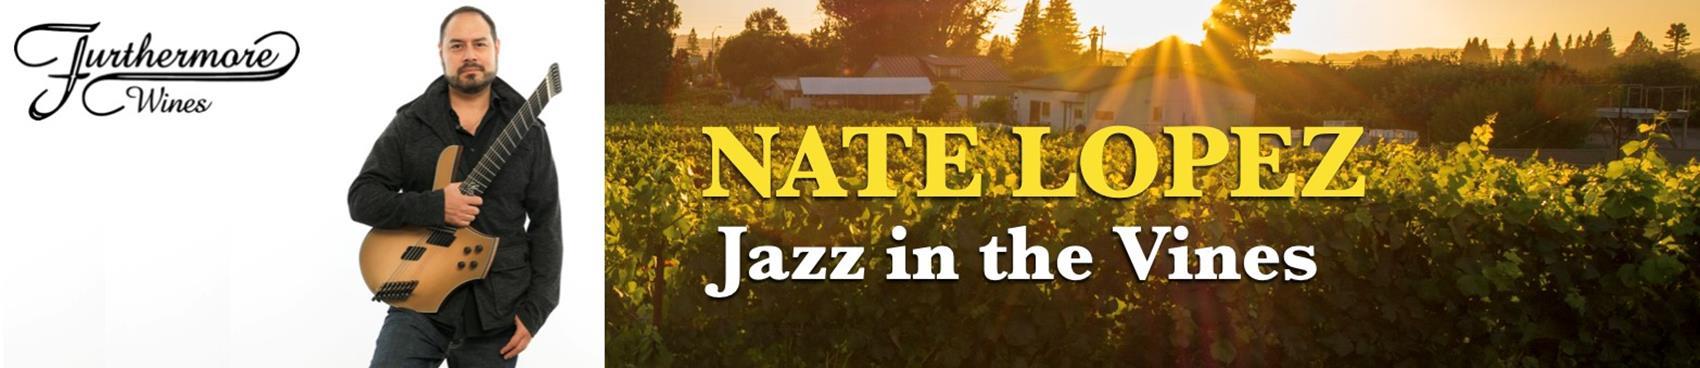 Jazz in the Vines : Nate Lopez